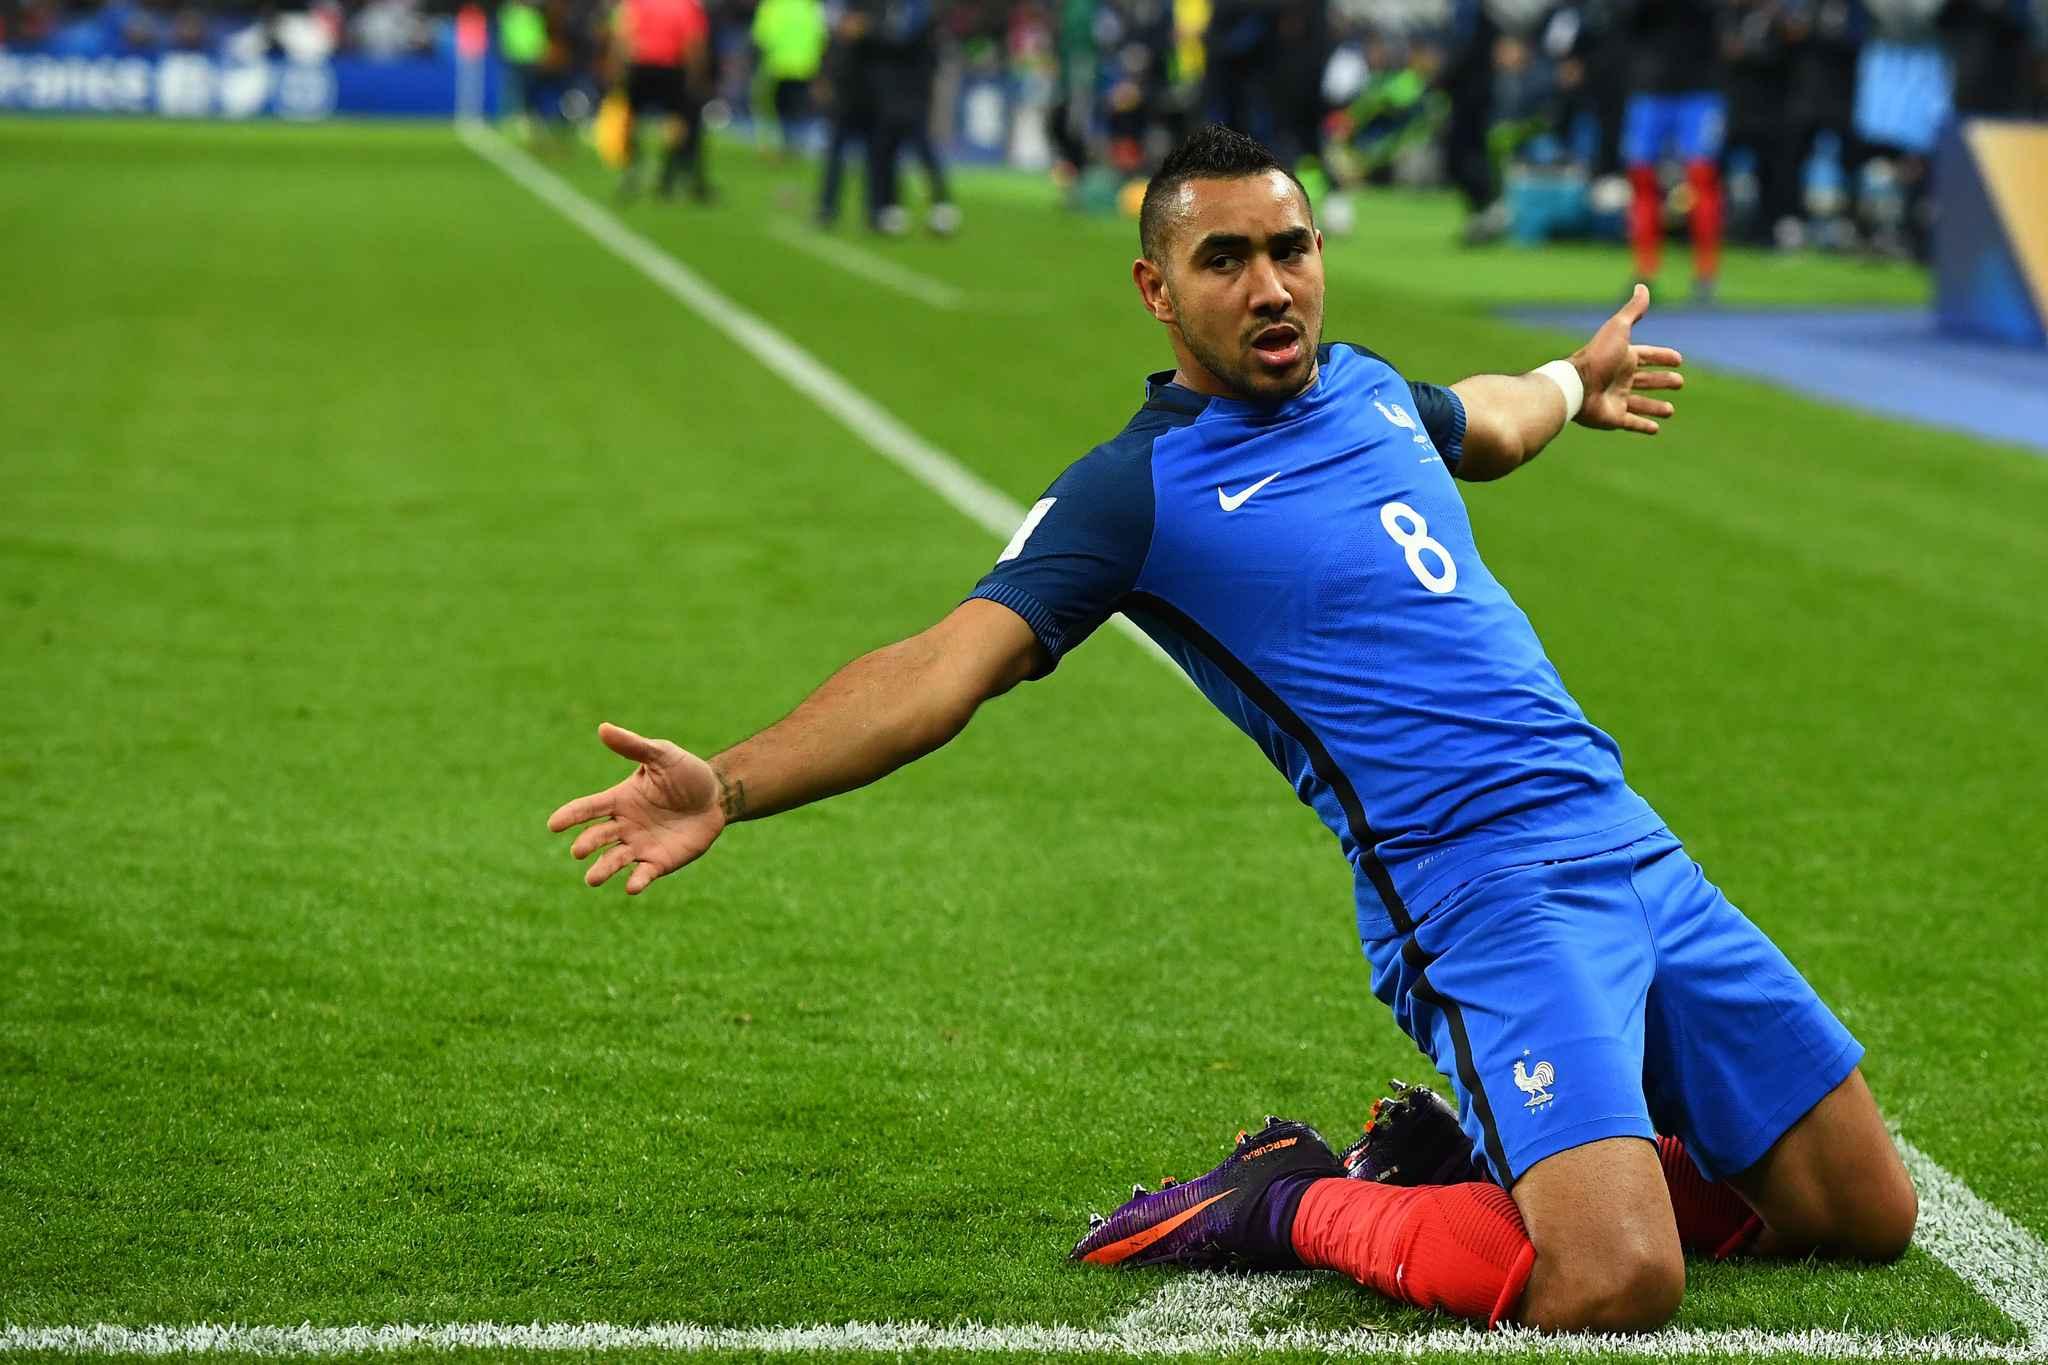 Voir le match Luxembourg France en direct TV sur TF1 : Replay vidéo buts, score Bleus Éliminatoires Coupe du Monde football 2018